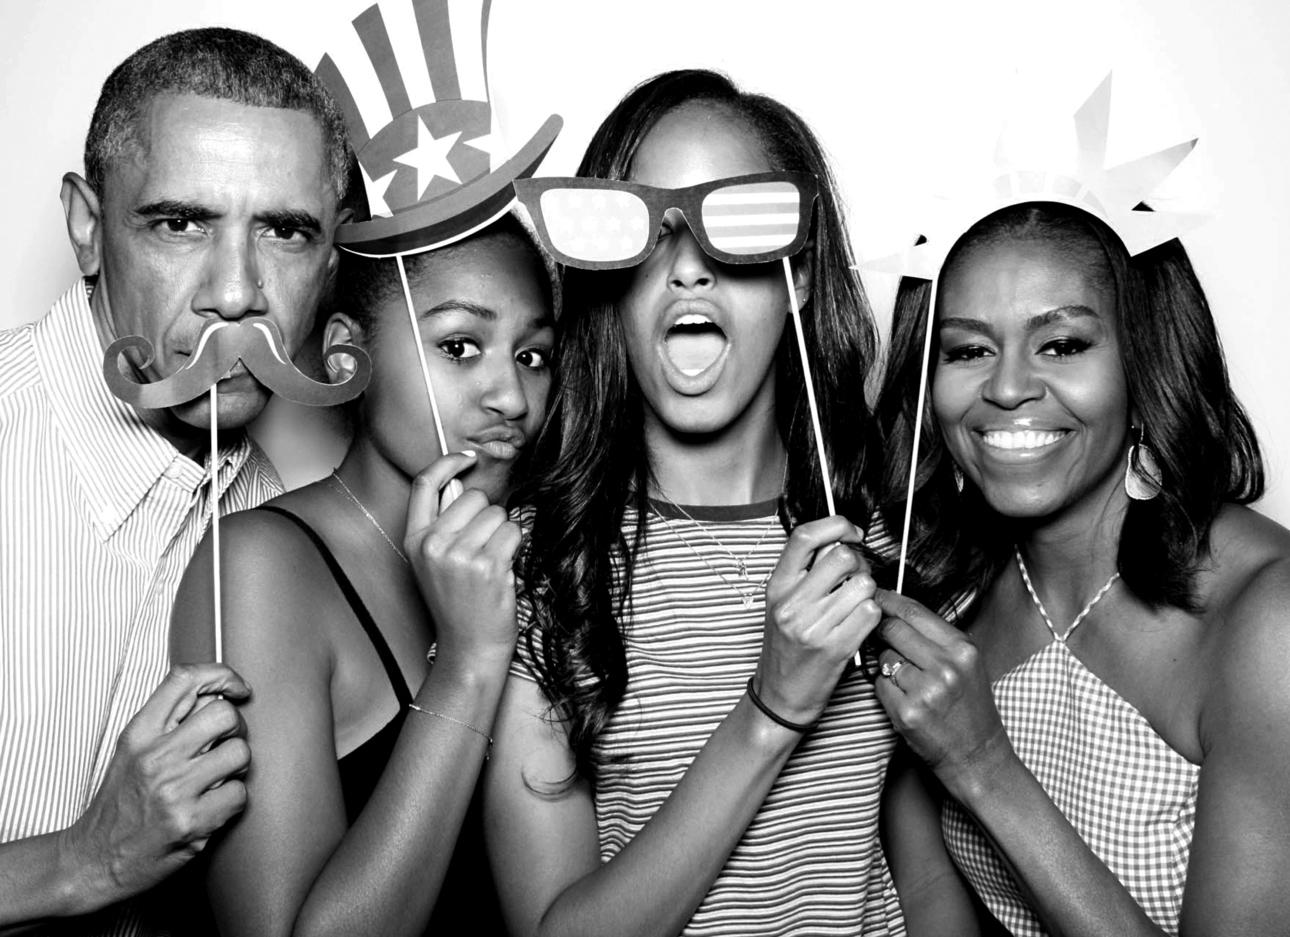 משפחת אובמה בחגיגות יום העצמאות האמריקאי, שהוא גם יום ההולדת של מליה